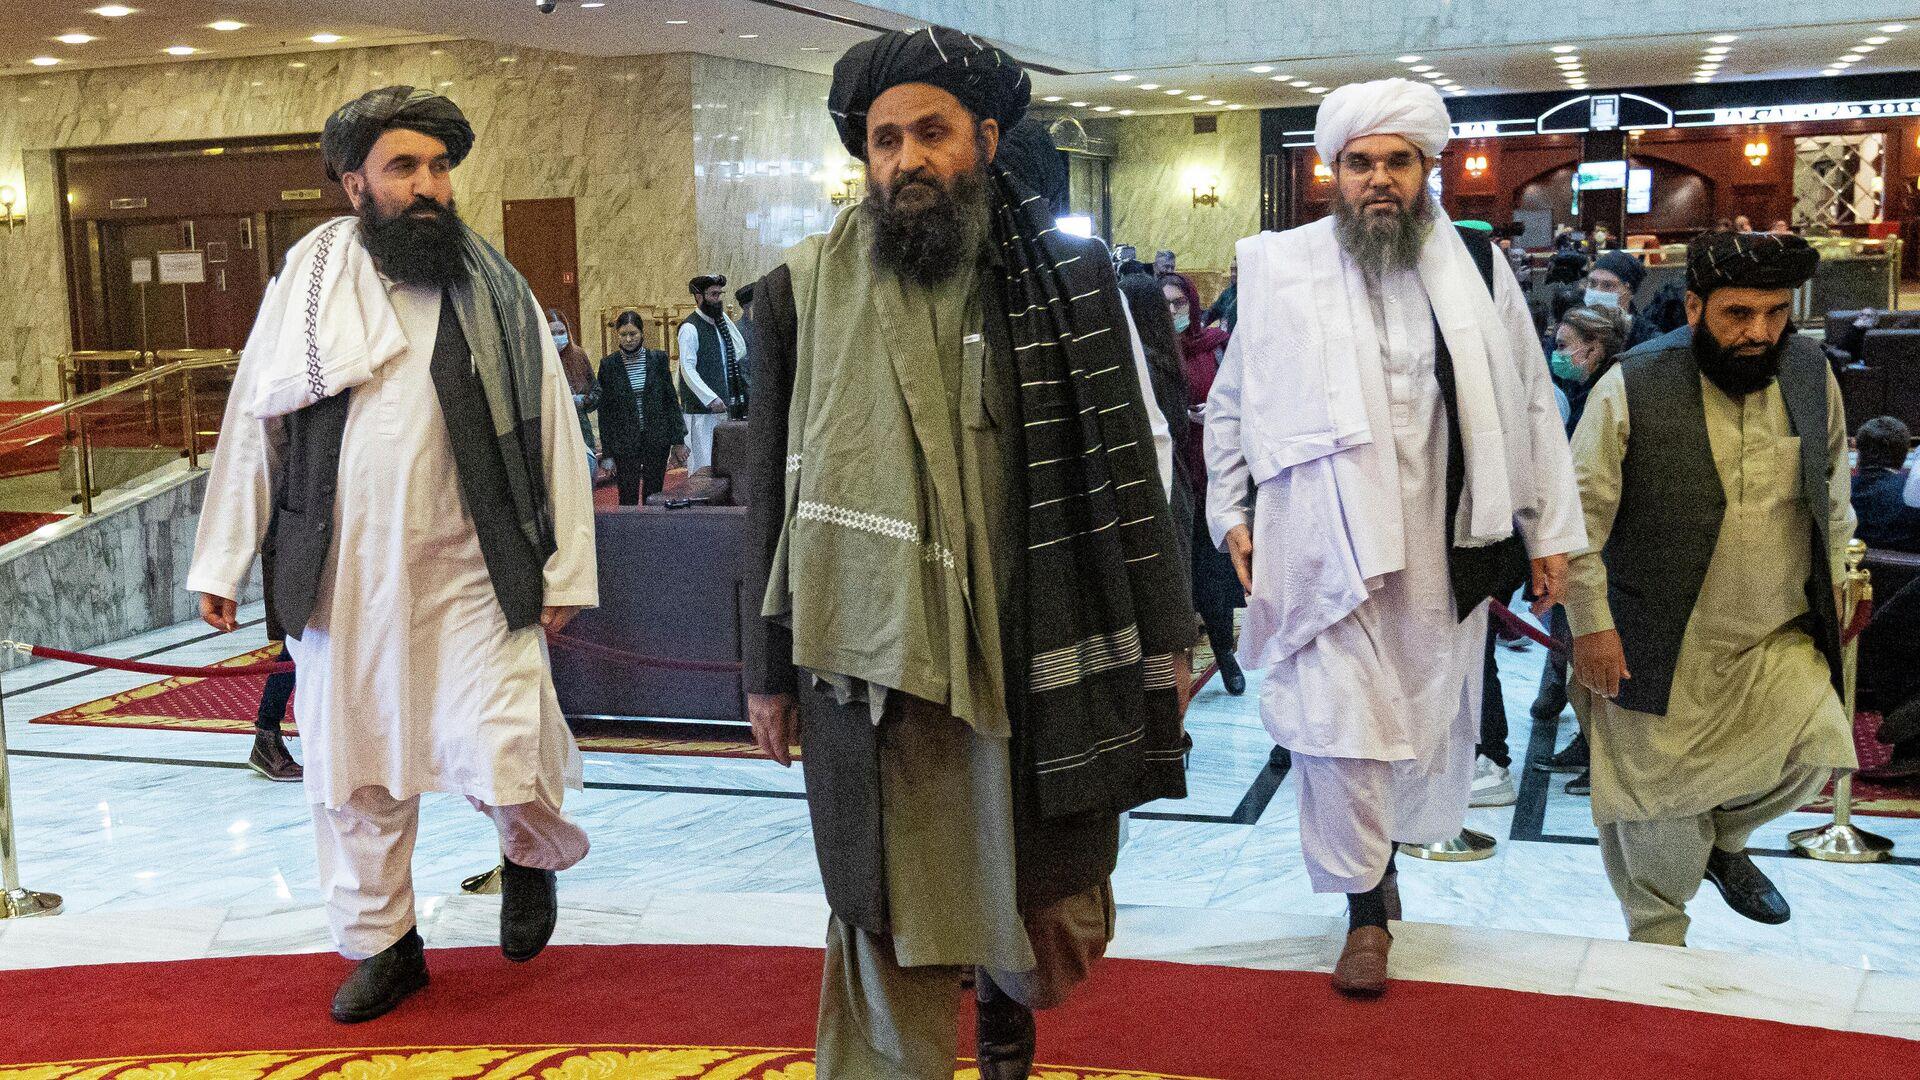 Мулла Абдул Гани Барадар  вместе с другими членами делегации Талибана во время прибытия на международную мирную конференцию в Москву - РИА Новости, 1920, 28.08.2021